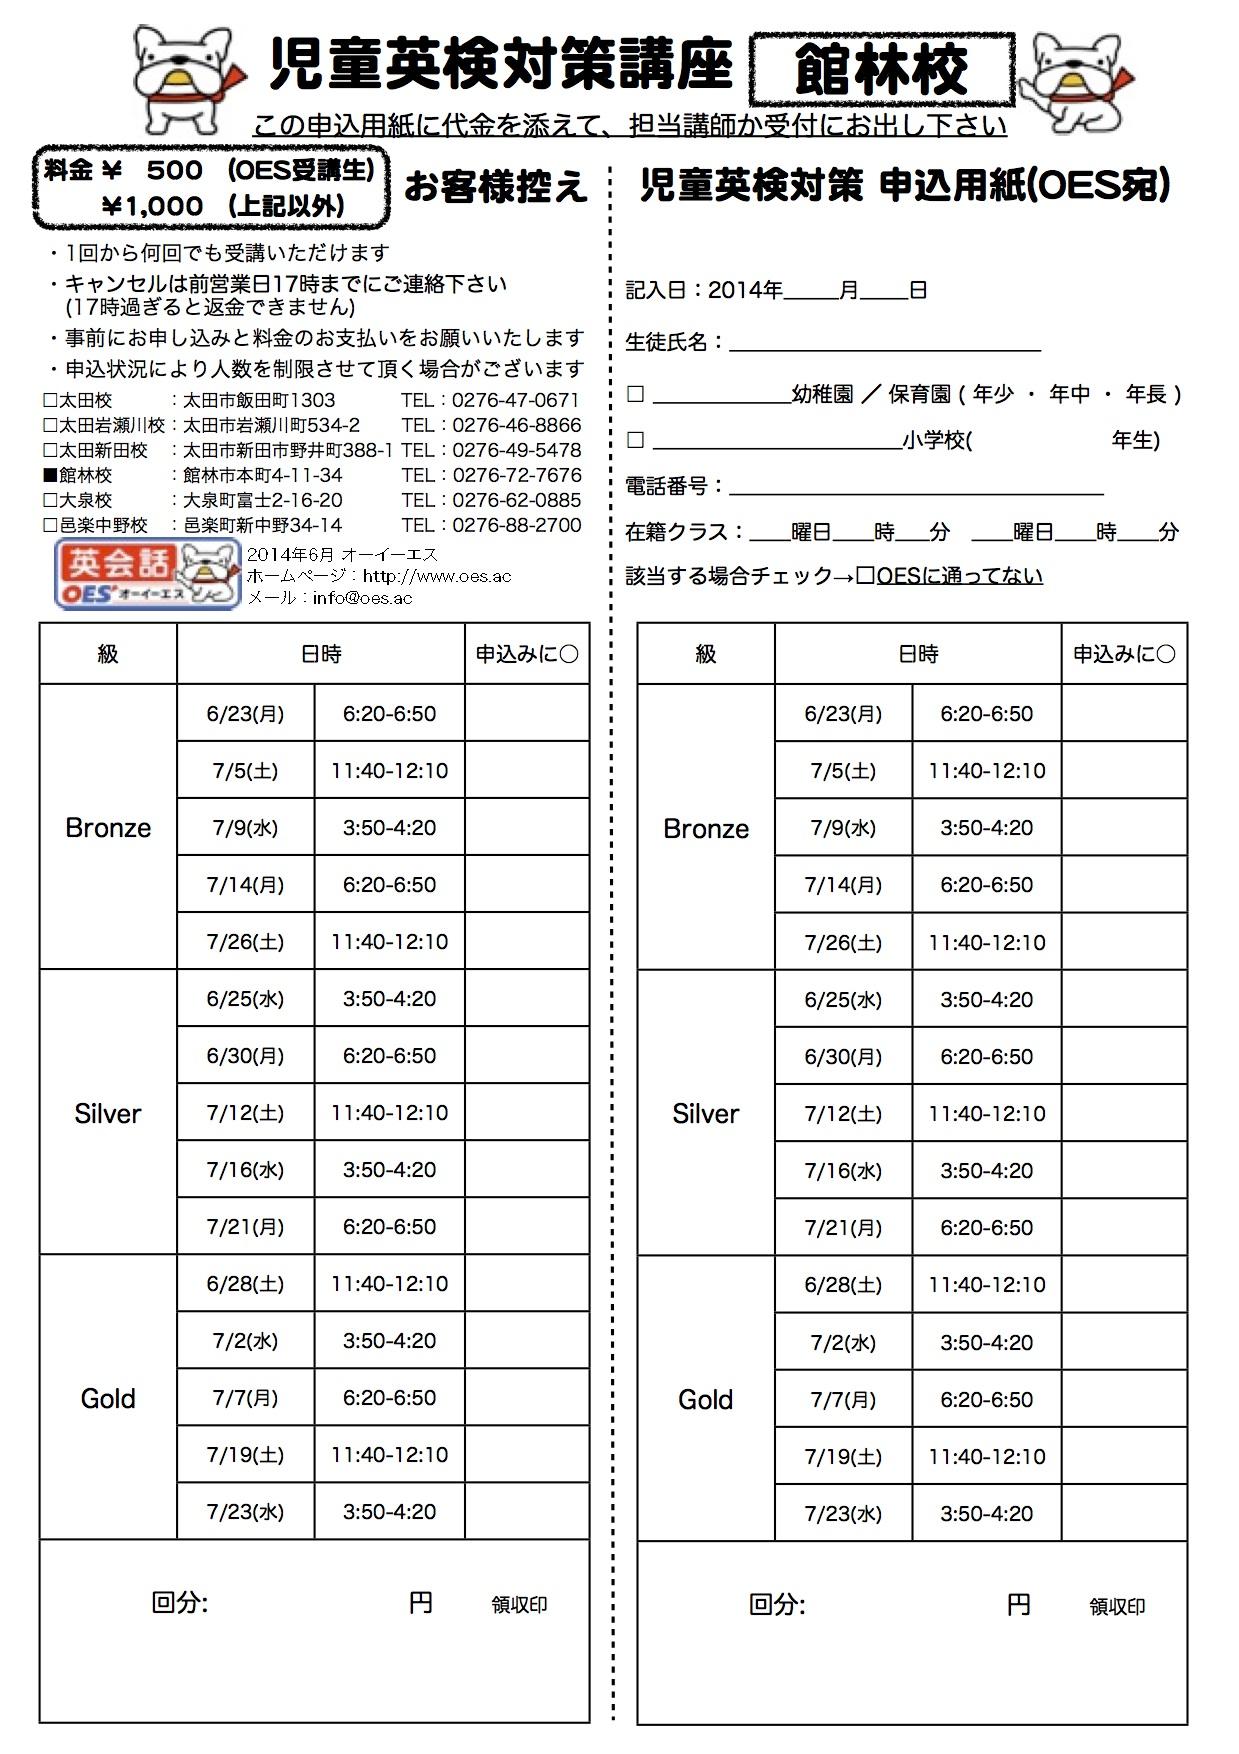 申込用紙 2014-2 館林校 6:23~7:26